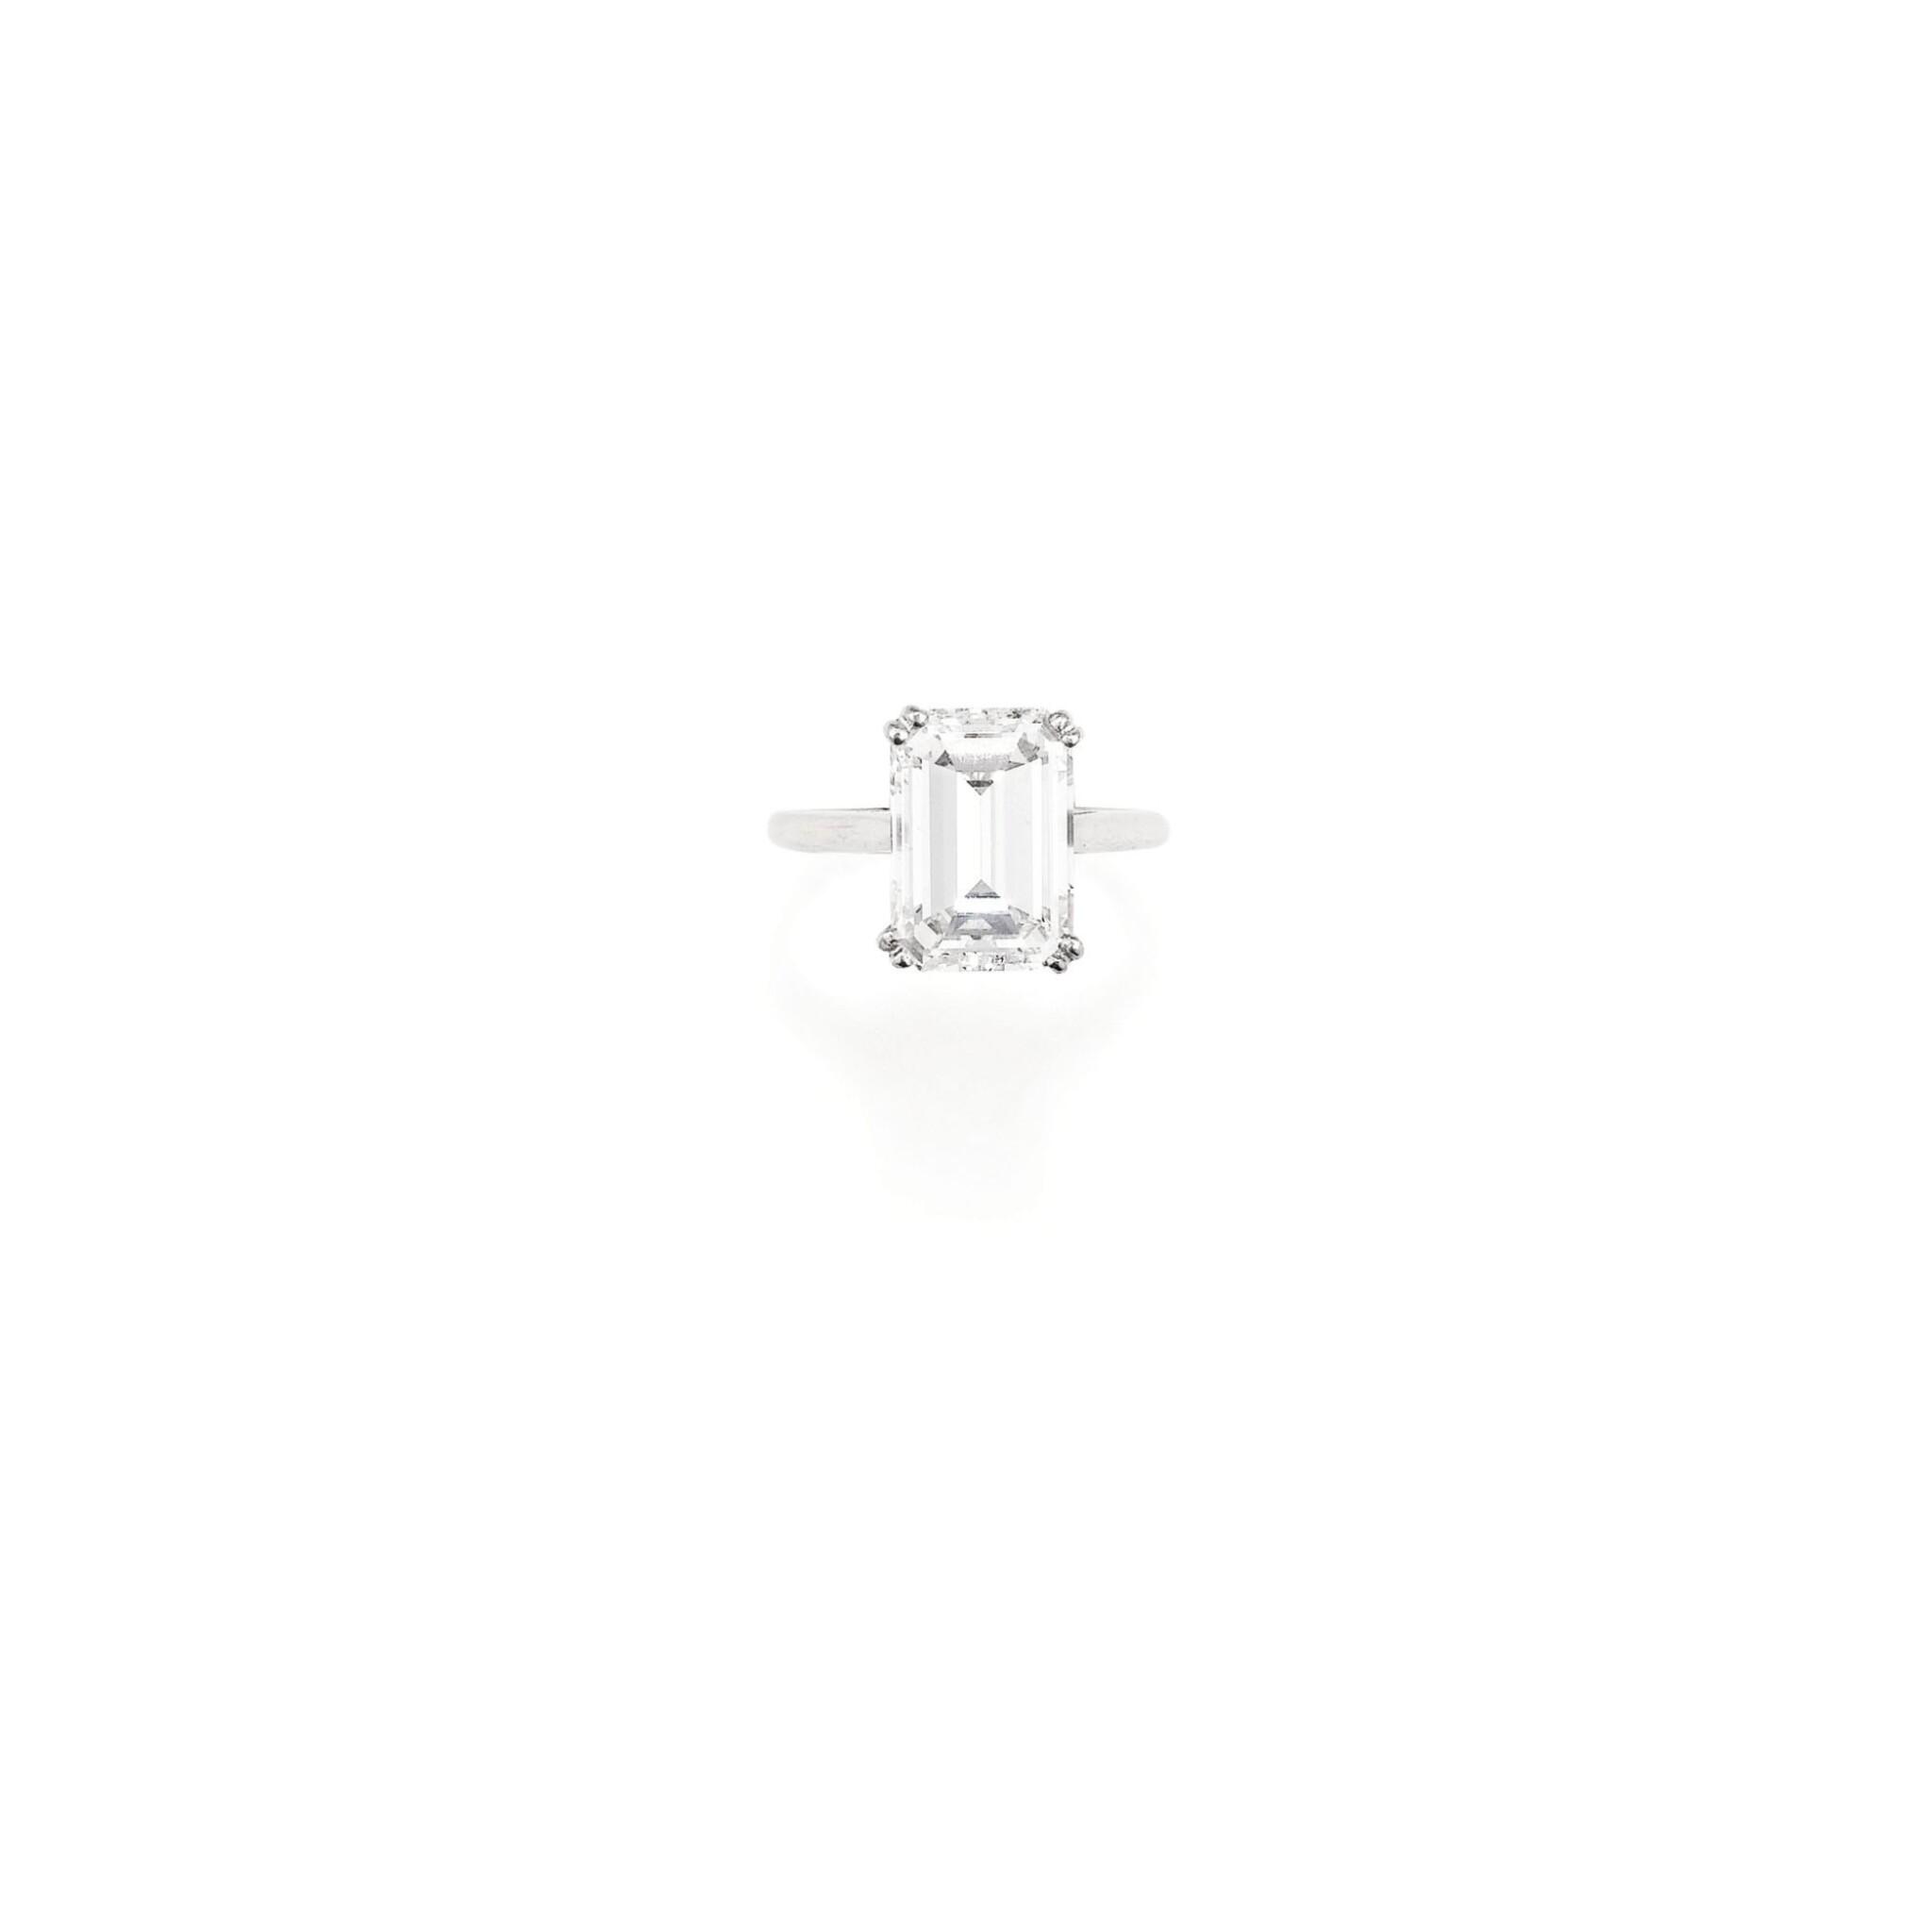 View full screen - View 1 of Lot 270. BAGUE DIAMANT | DIAMOND RING.